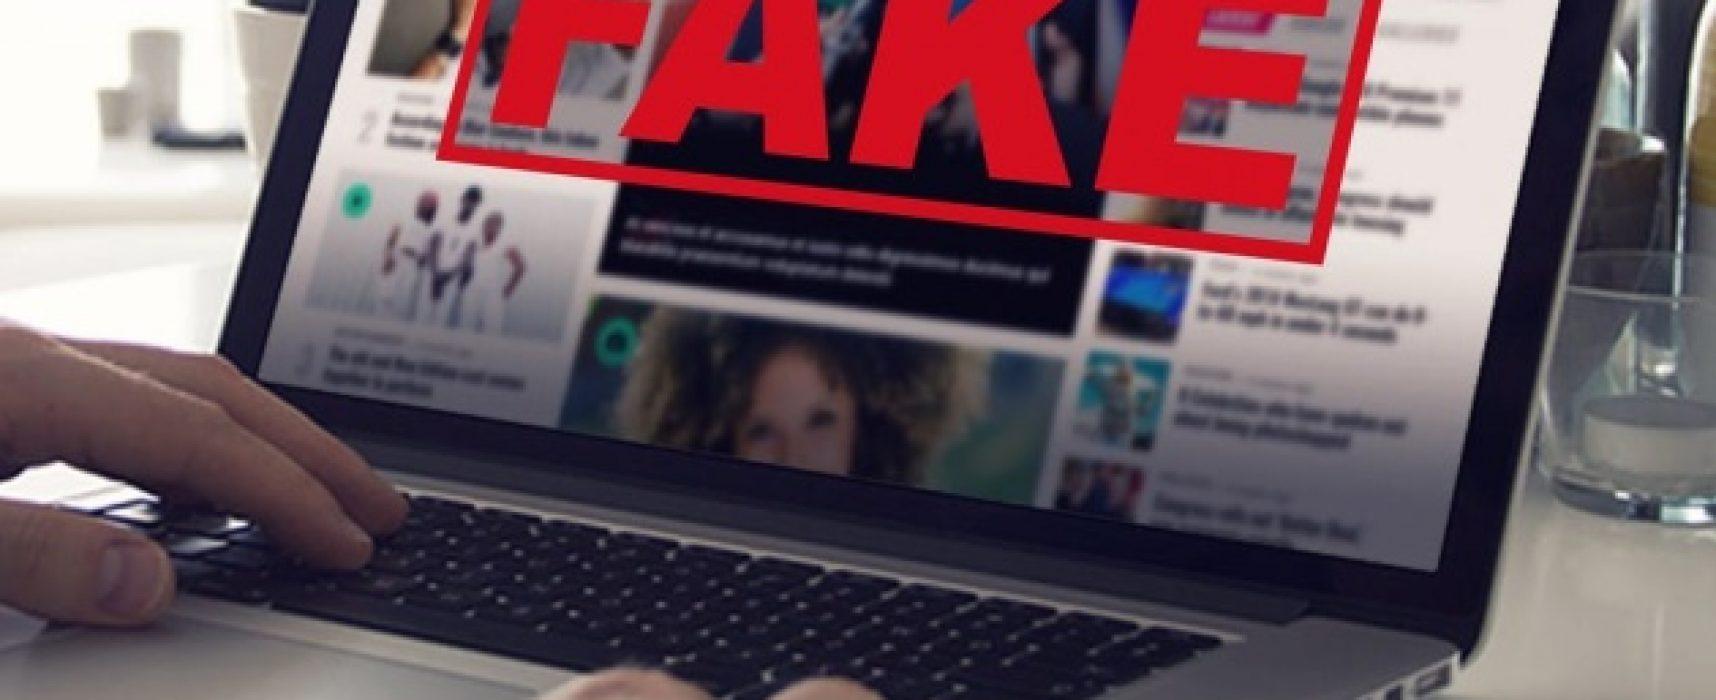 В НАТО проверяли соцсети на способность противостоять фейкам: выводы печальны